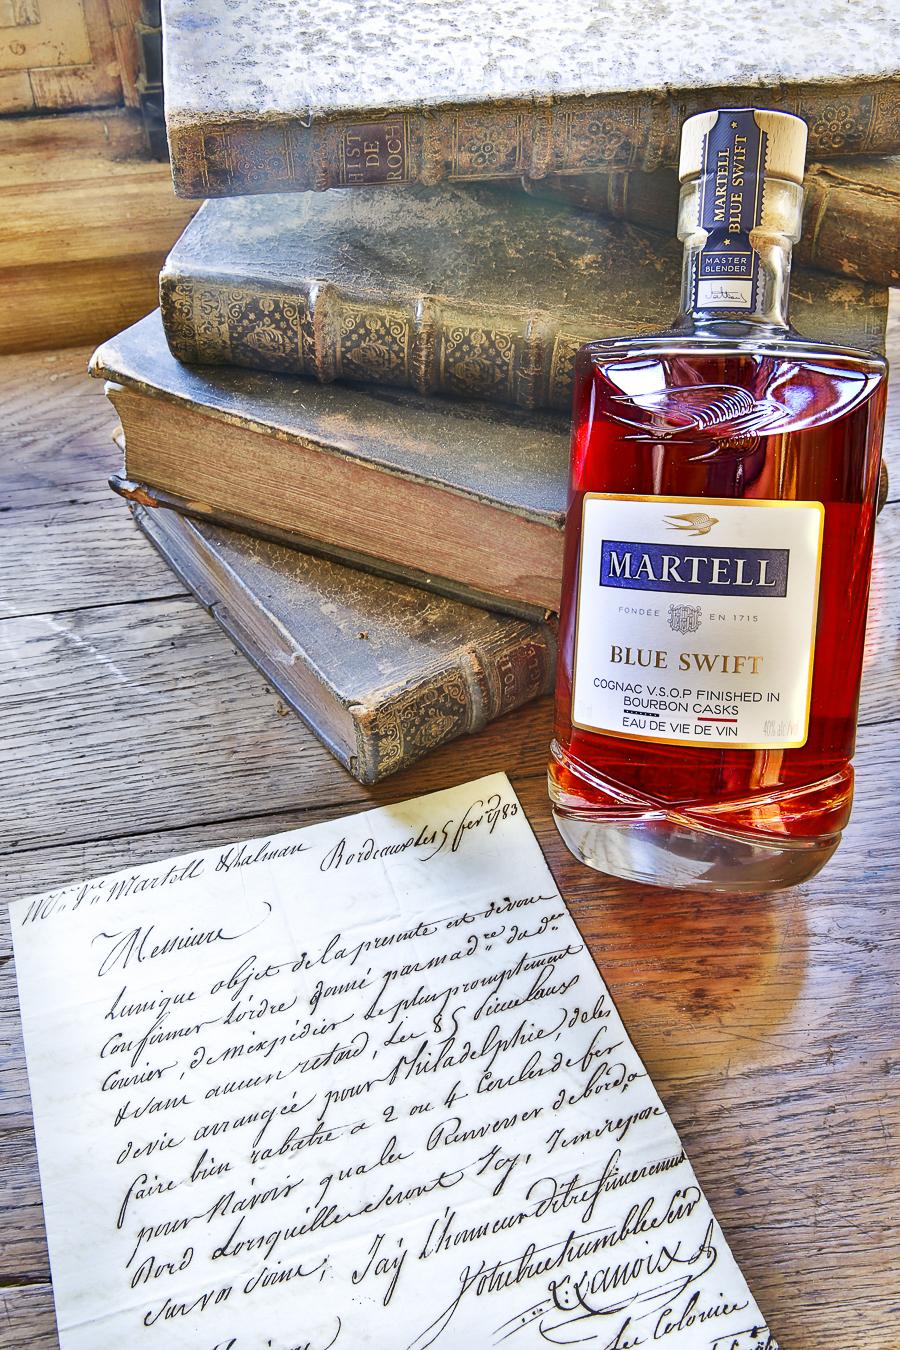 Martell-BlueSwift_Juin2016_Cognac_Jerusalmi_00002_1